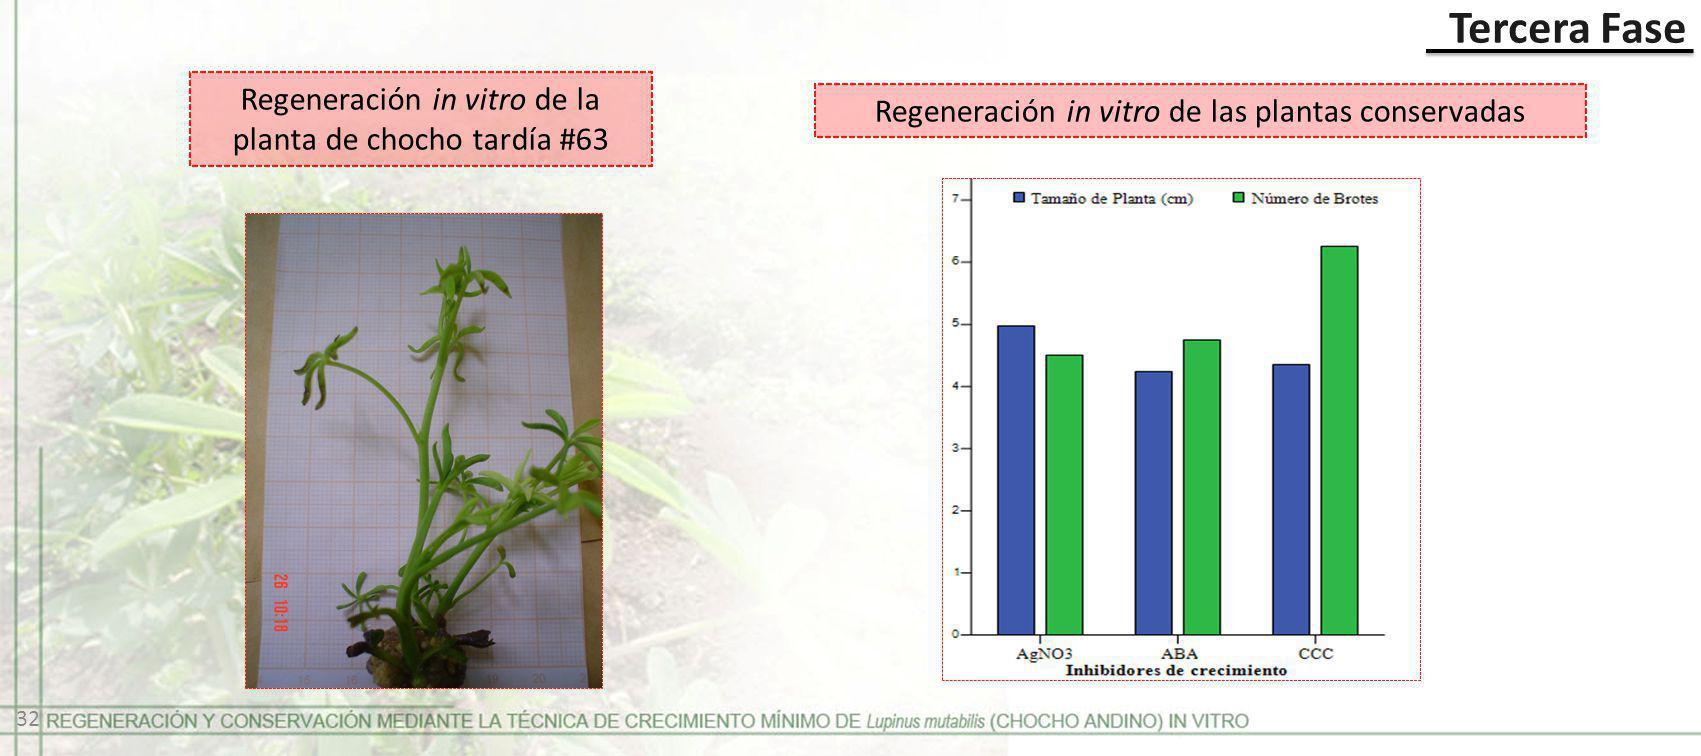 Tercera Fase Regeneración in vitro de las plantas conservadas Regeneración in vitro de la planta de chocho tardía #63 32